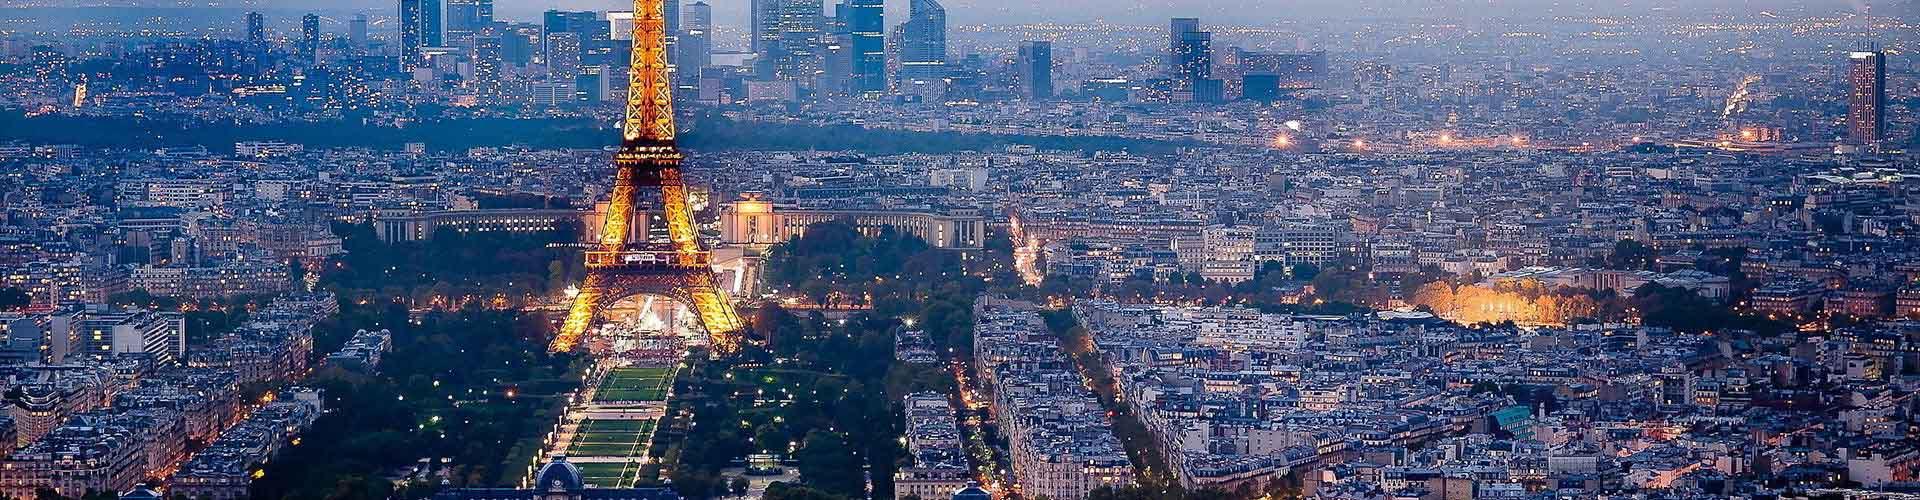 파리 - 시티 센터에 가까운 호텔. 파리의 지도, 파리에 위치한 호텔에 대한 사진 및 리뷰.